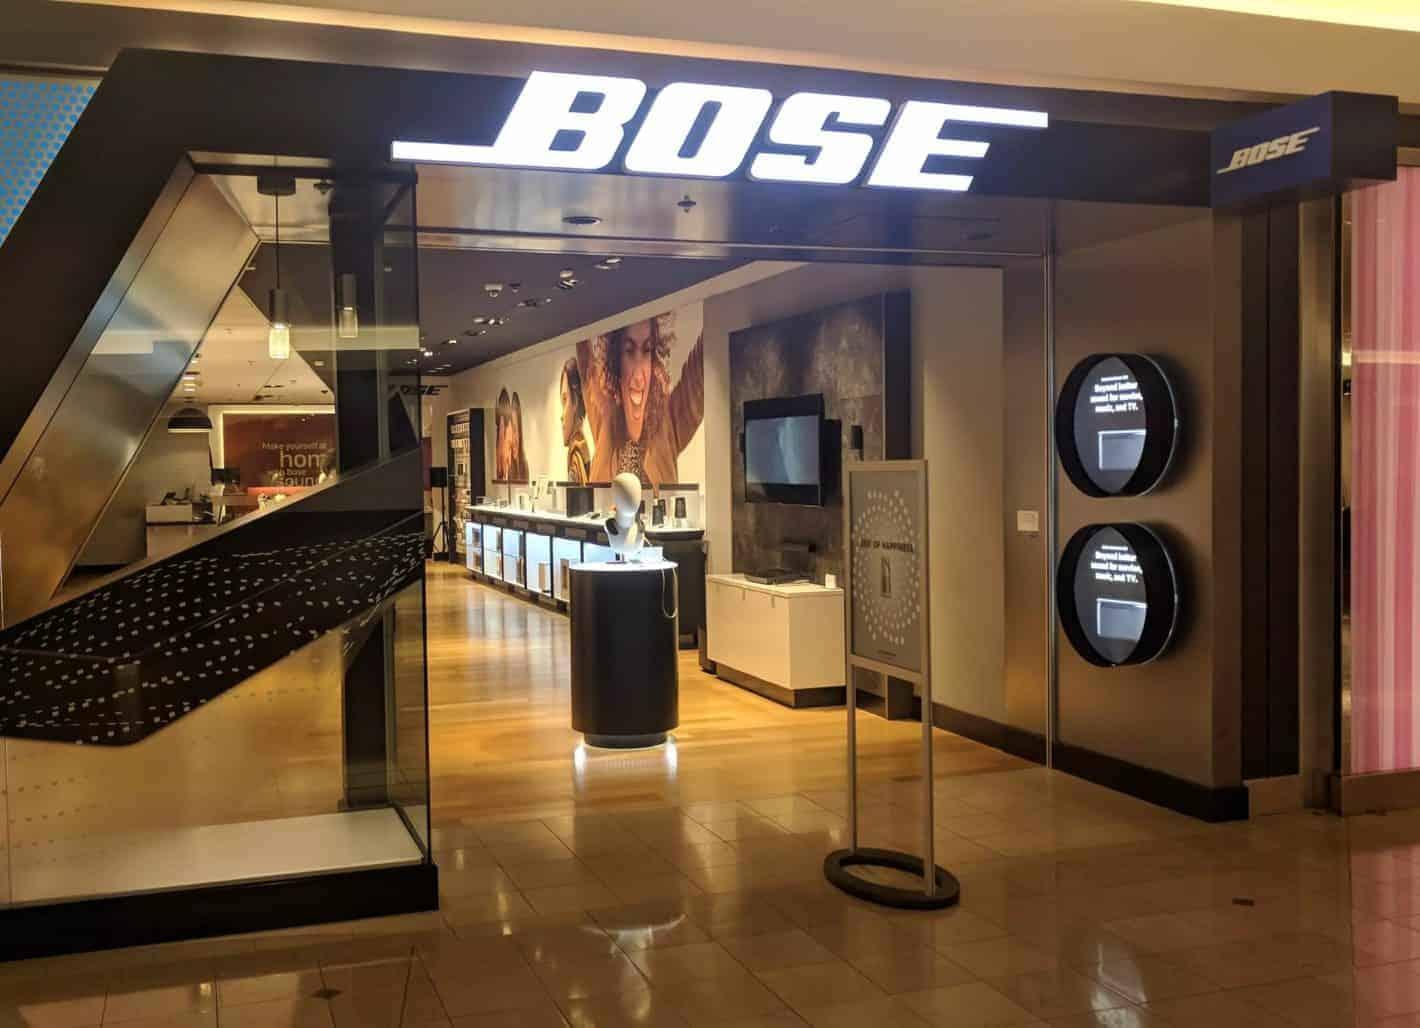 Bose retail stores